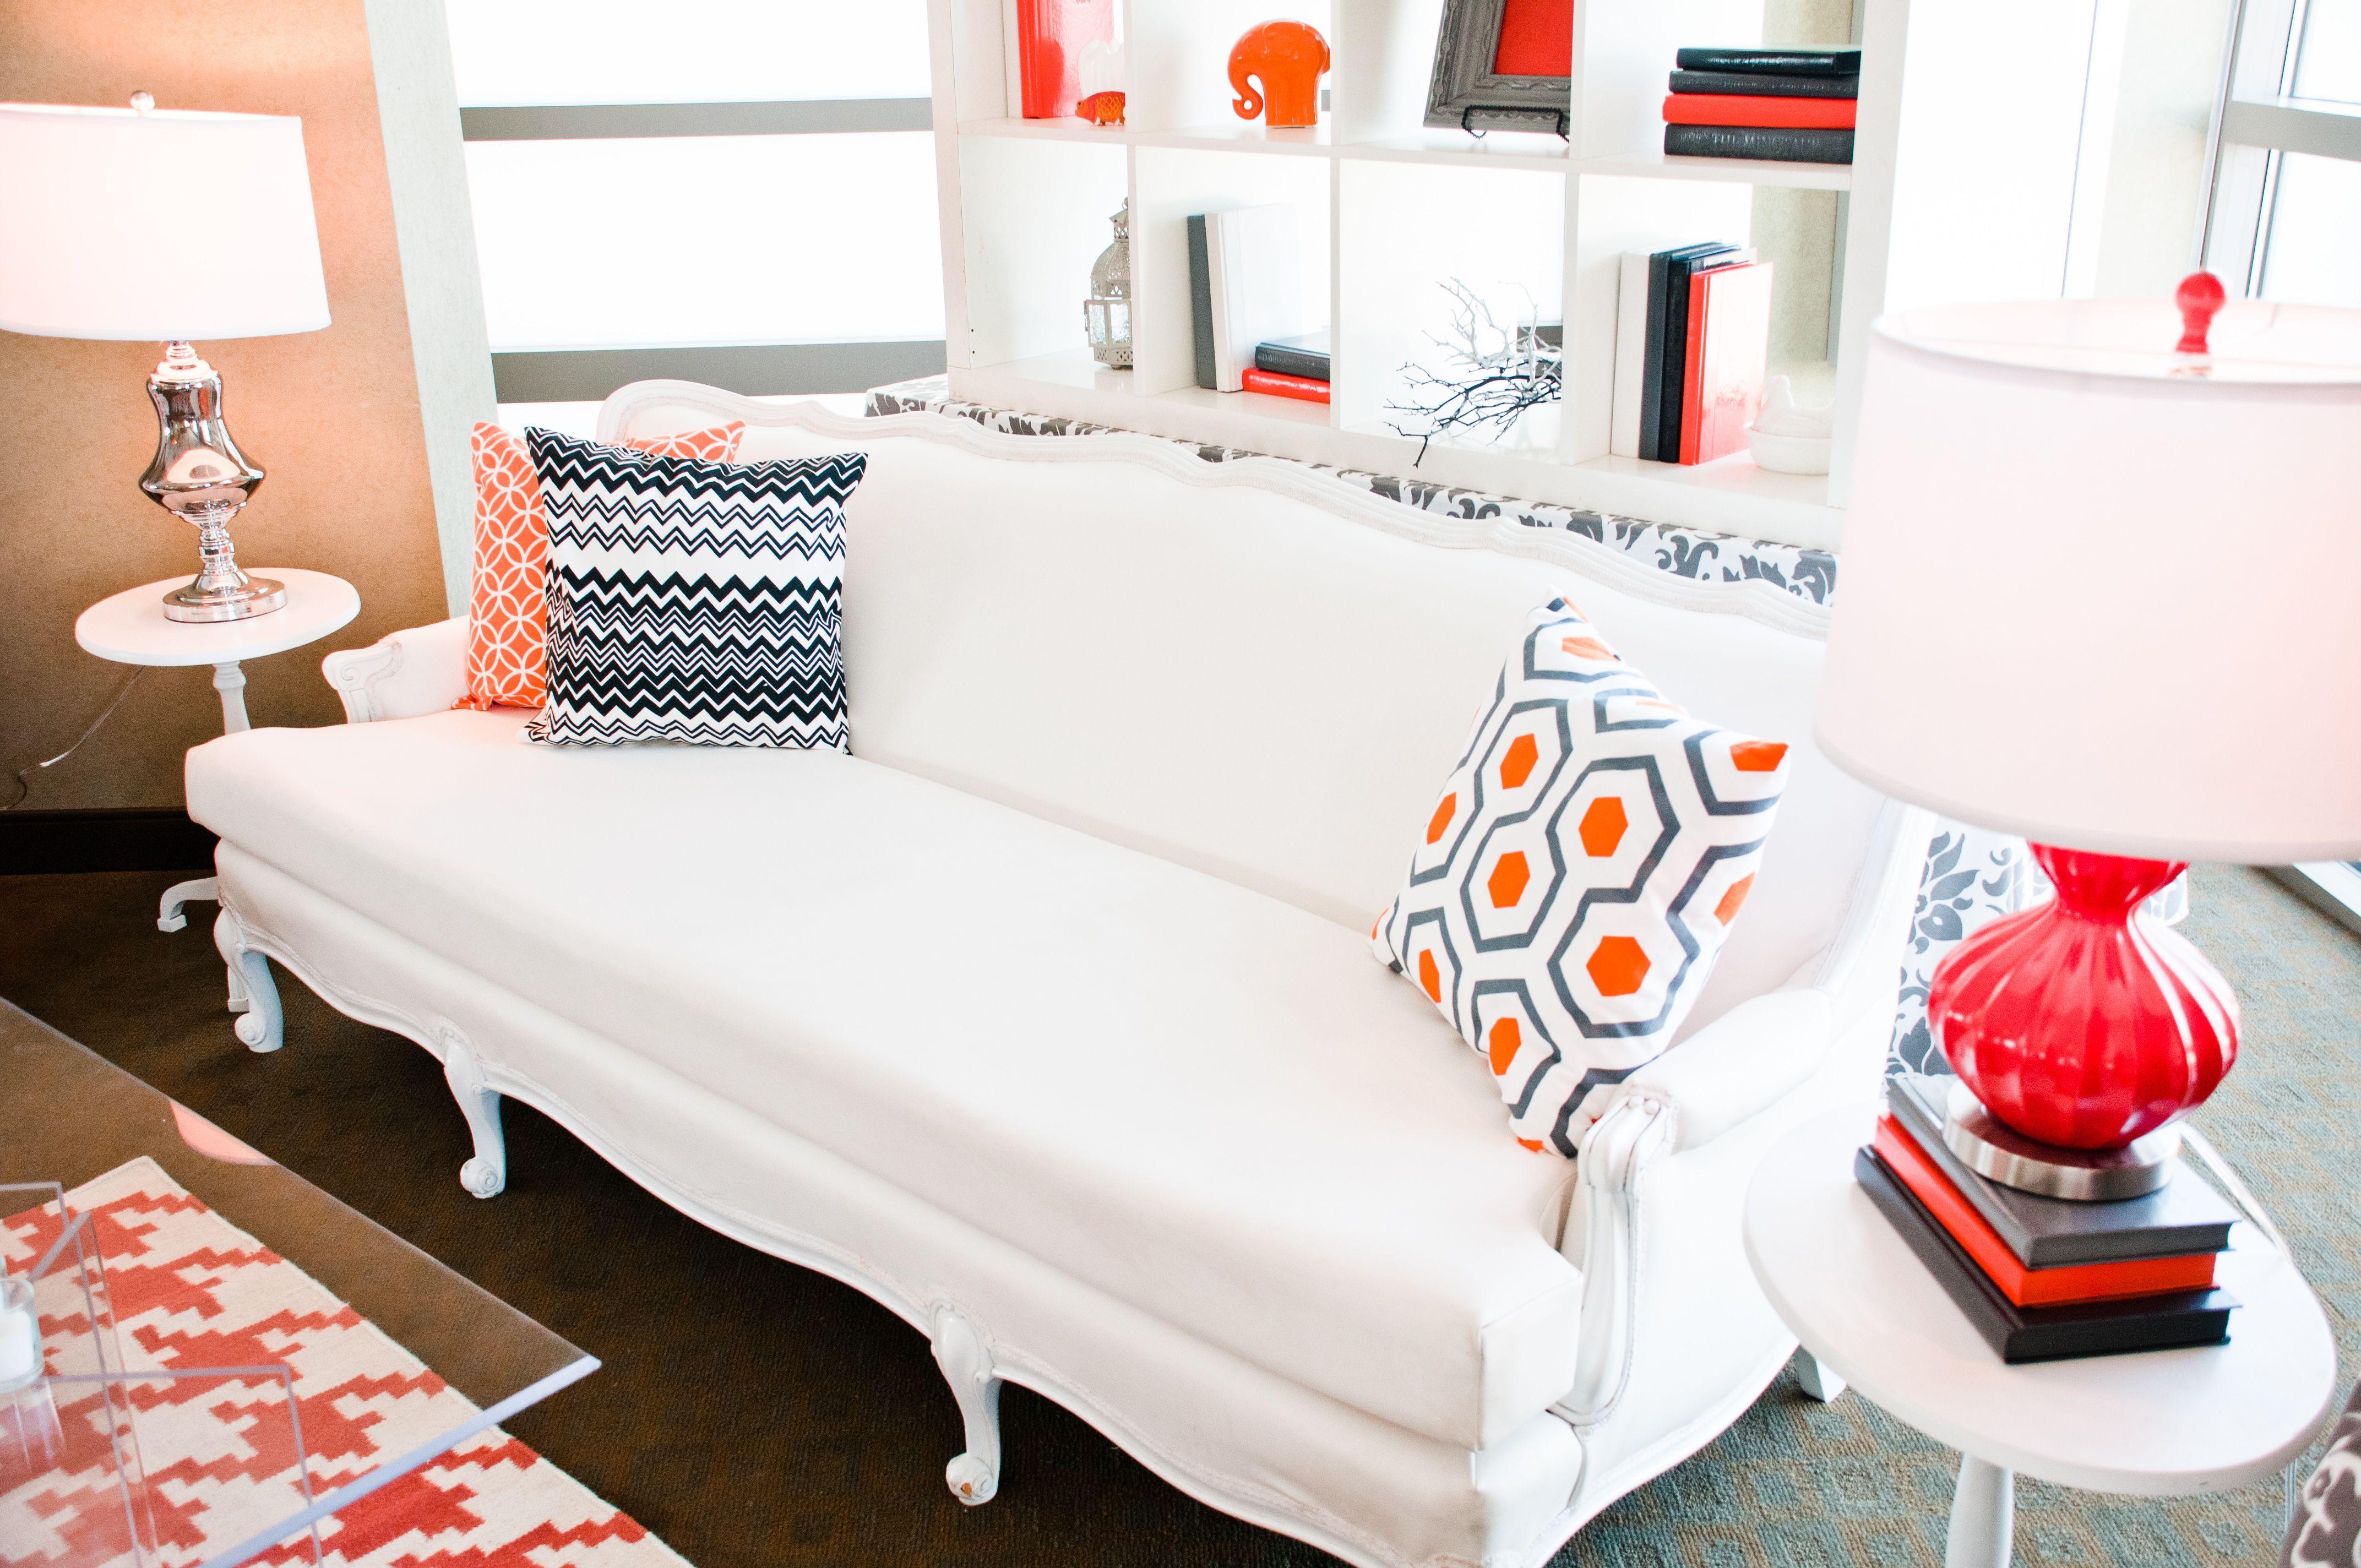 Mmd Events Design And Decor Tampa Fl Decor Home Decor Home